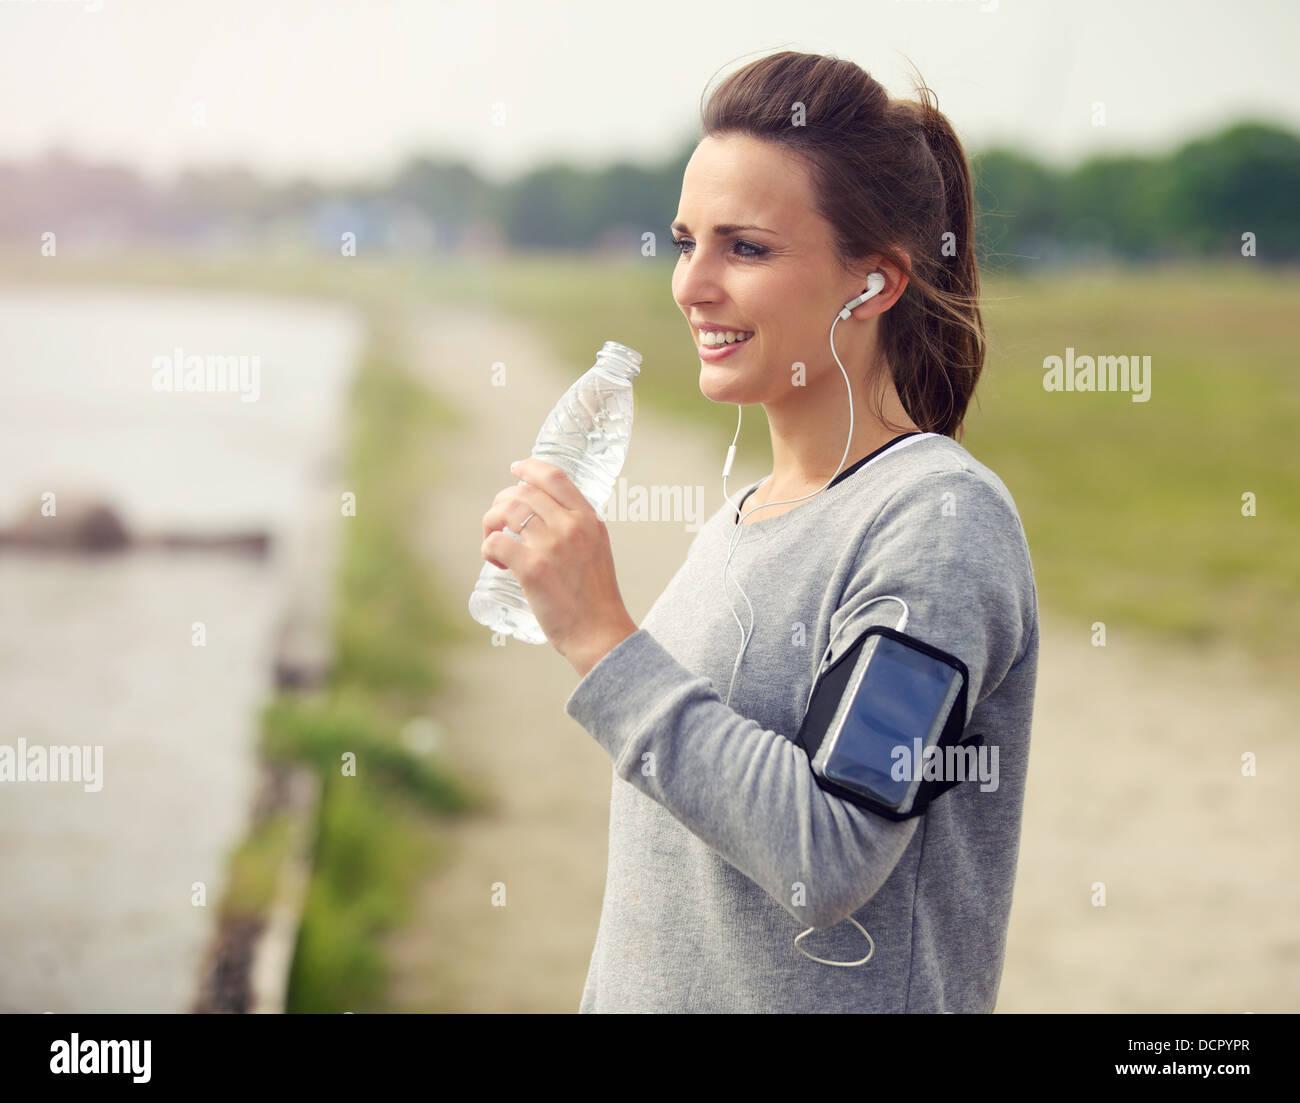 Coureuse smiling en buvant de l'eau en bouteille Photo Stock